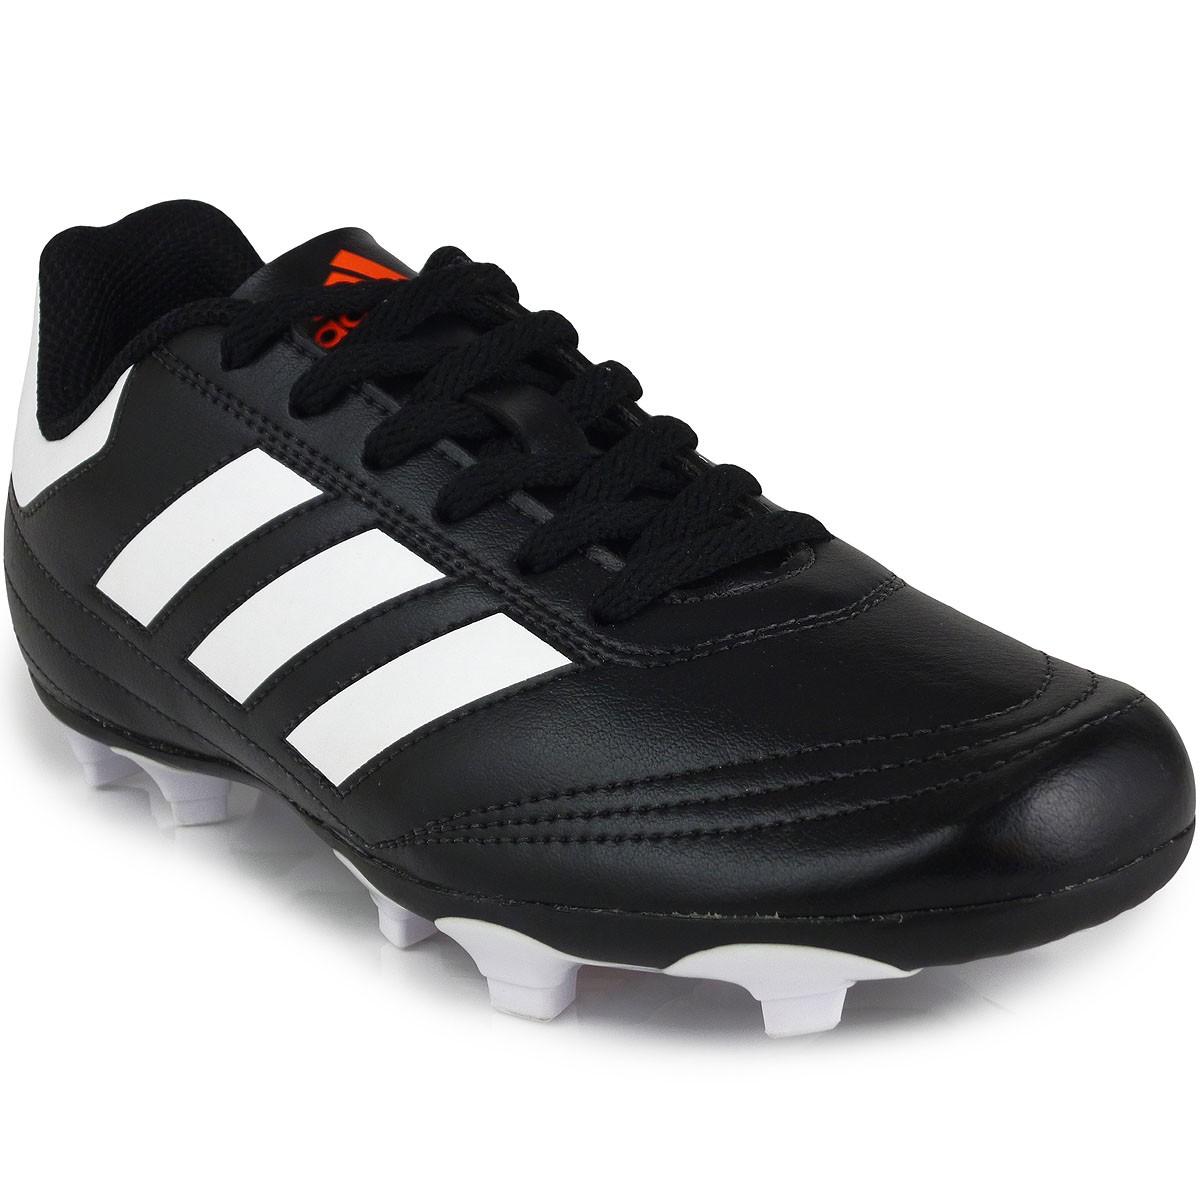 a039ecc567 Chuteira Adidas Goletto 6 FG Jr